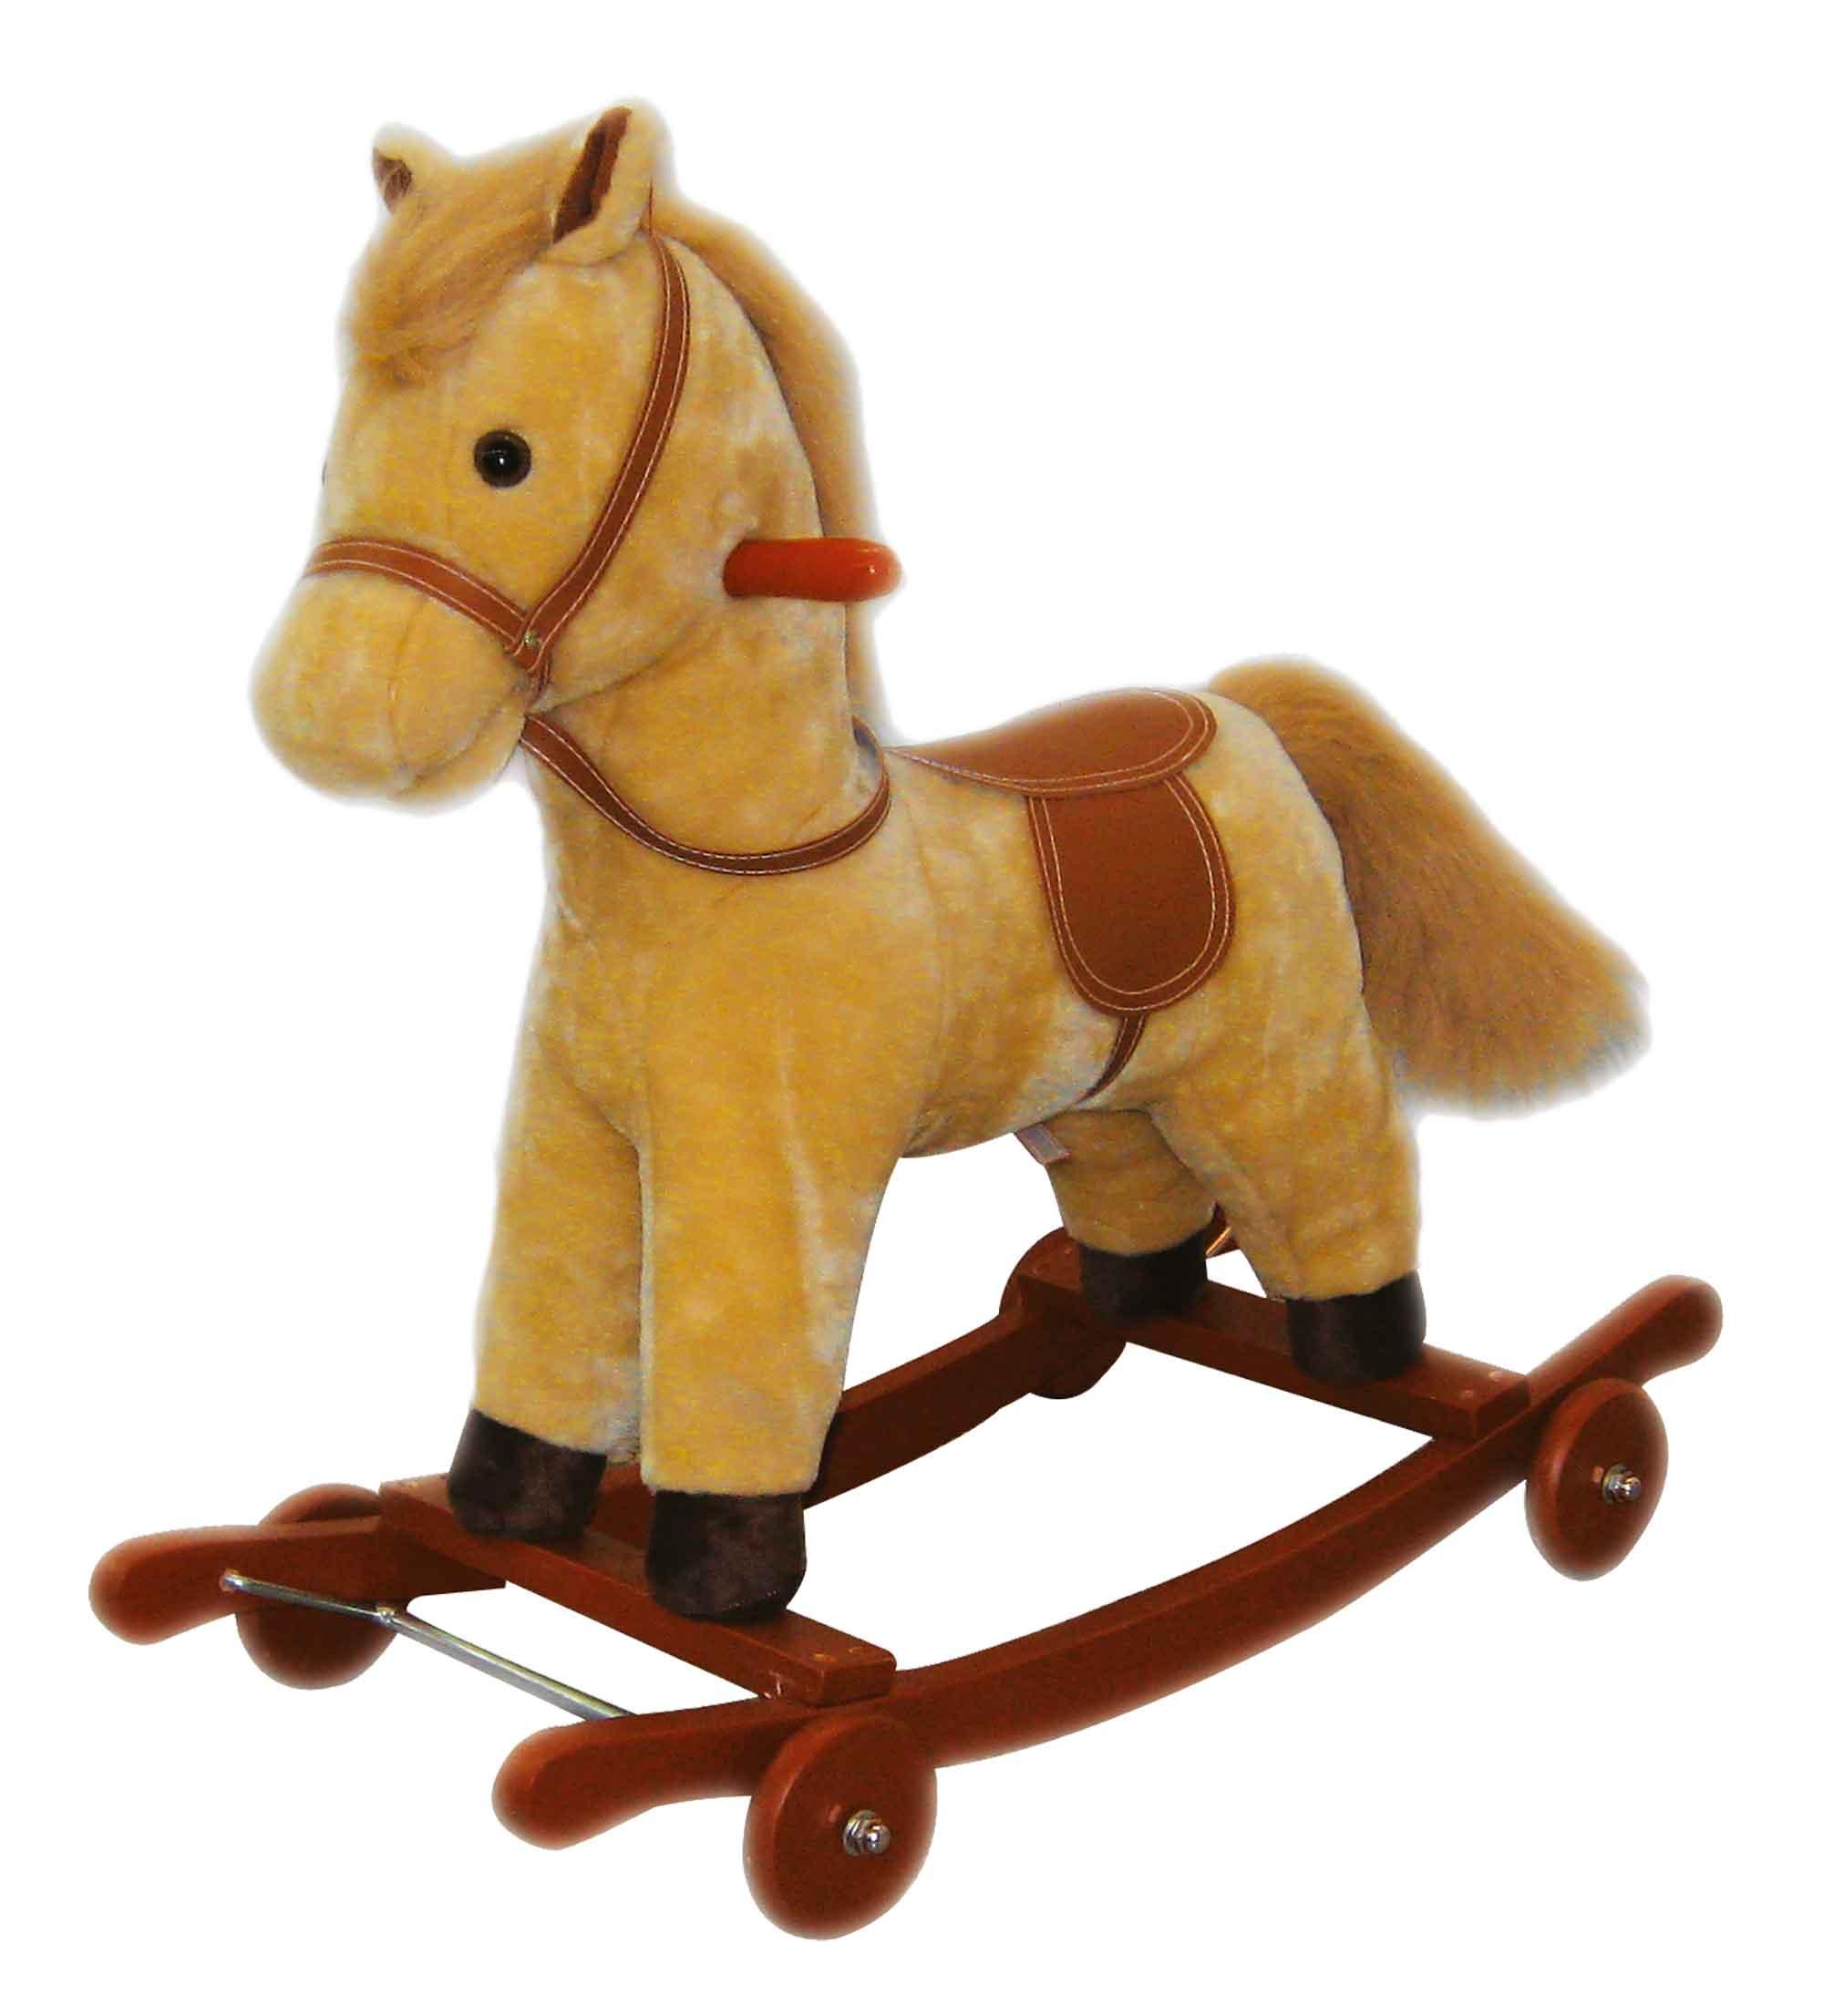 Cavallo A Dondolo Con Ruote.Cavallo A Dondolo 70x23x55cm Ami Plush Marche Esclusive